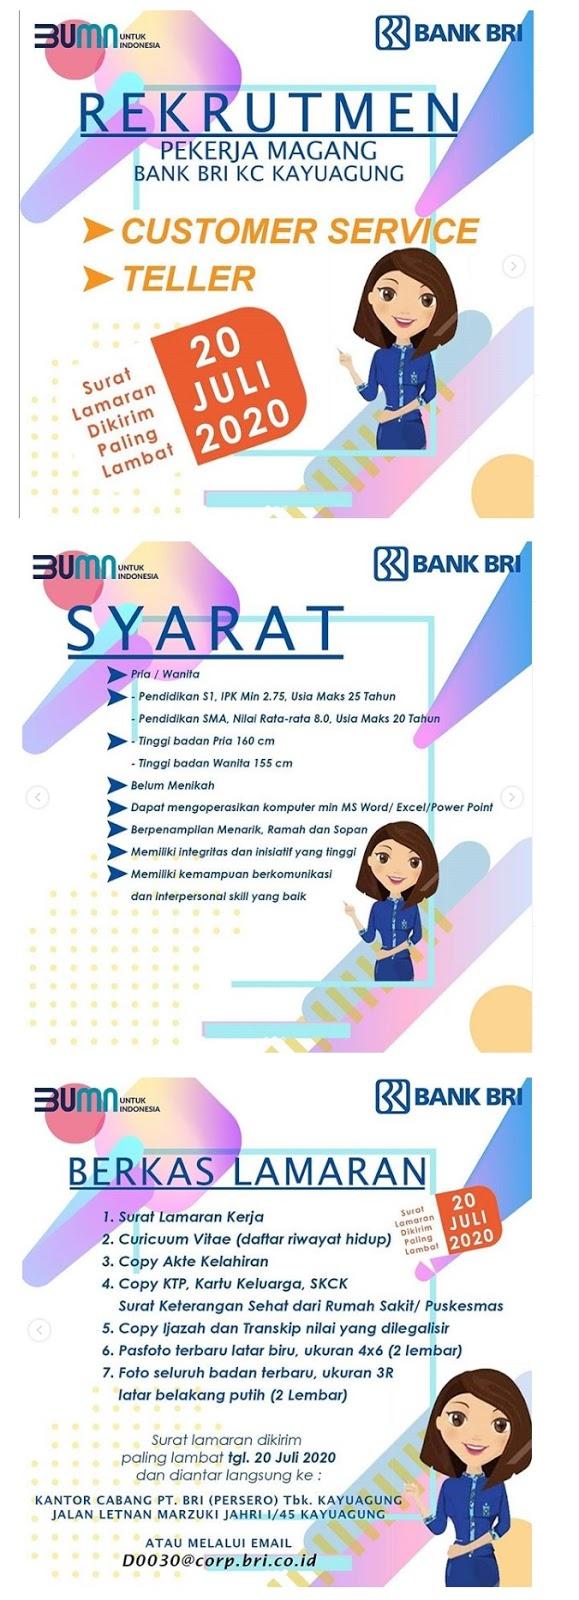 Rekrutmen Pegawai CS Teller PT Bank Rakyat Indonesia (Persero) Tbk Juli 2020